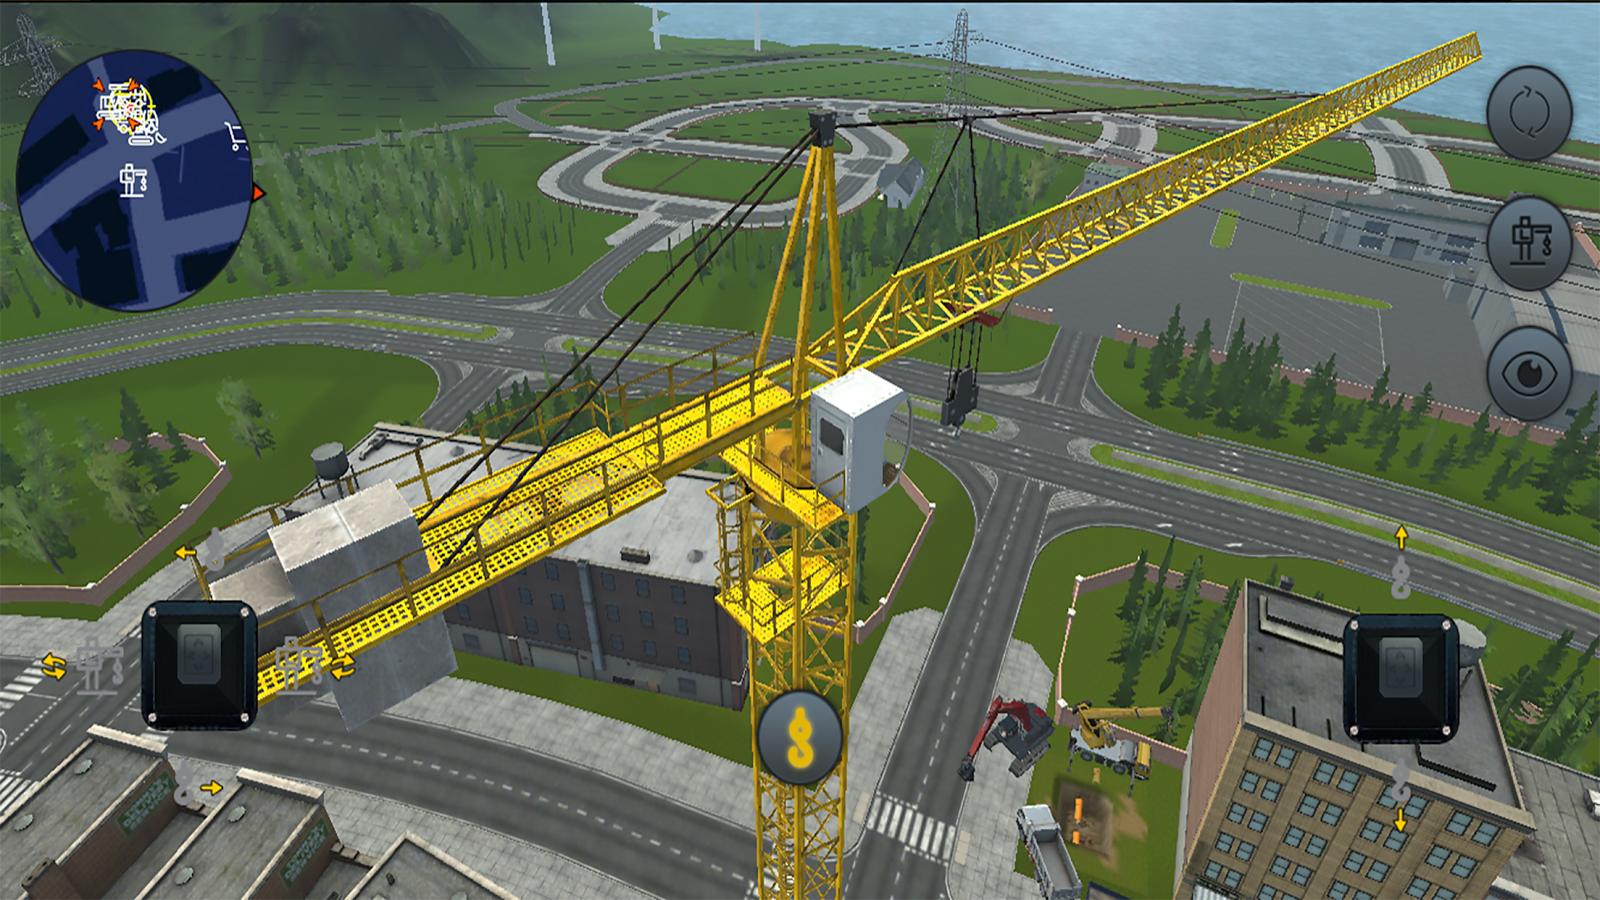 Bau Simulator Apk